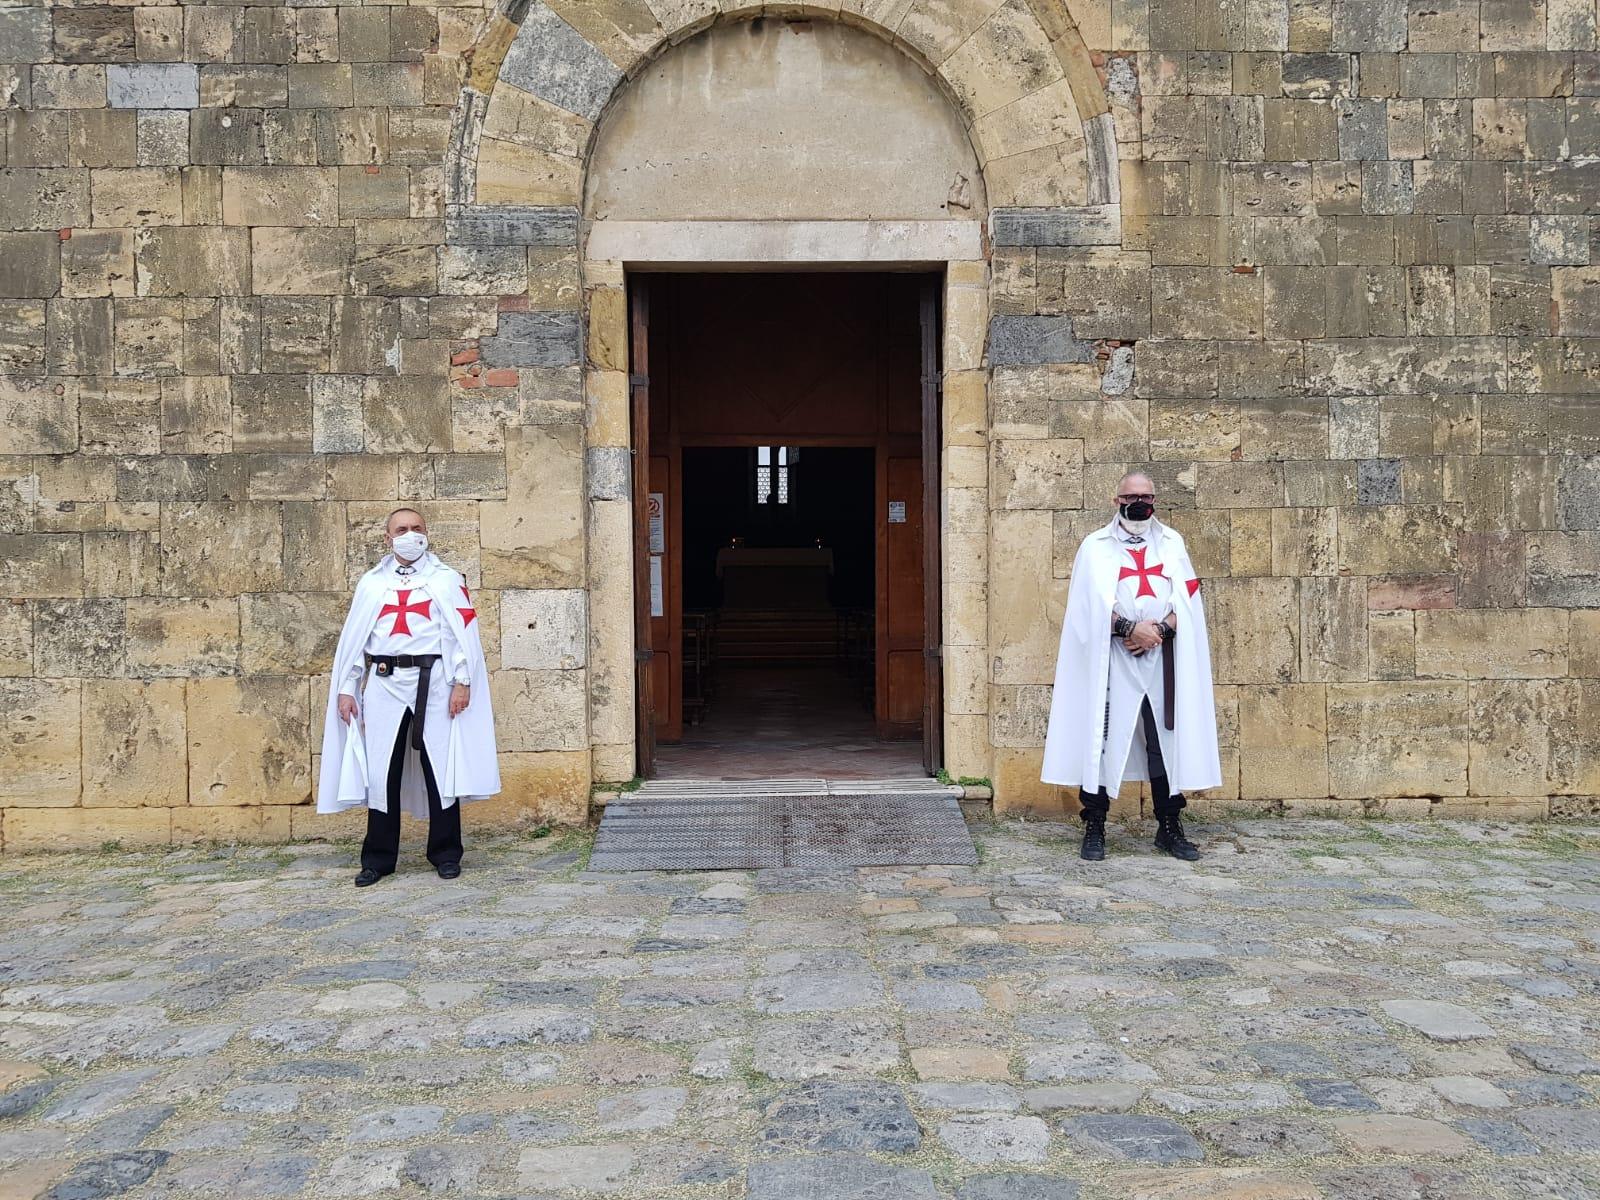 Custodia dell'abbazia dei Santi Salvatore e Cirino e della chiesa di Santa Maria Assunta a Monteriggioni (SI) 26.09.2021